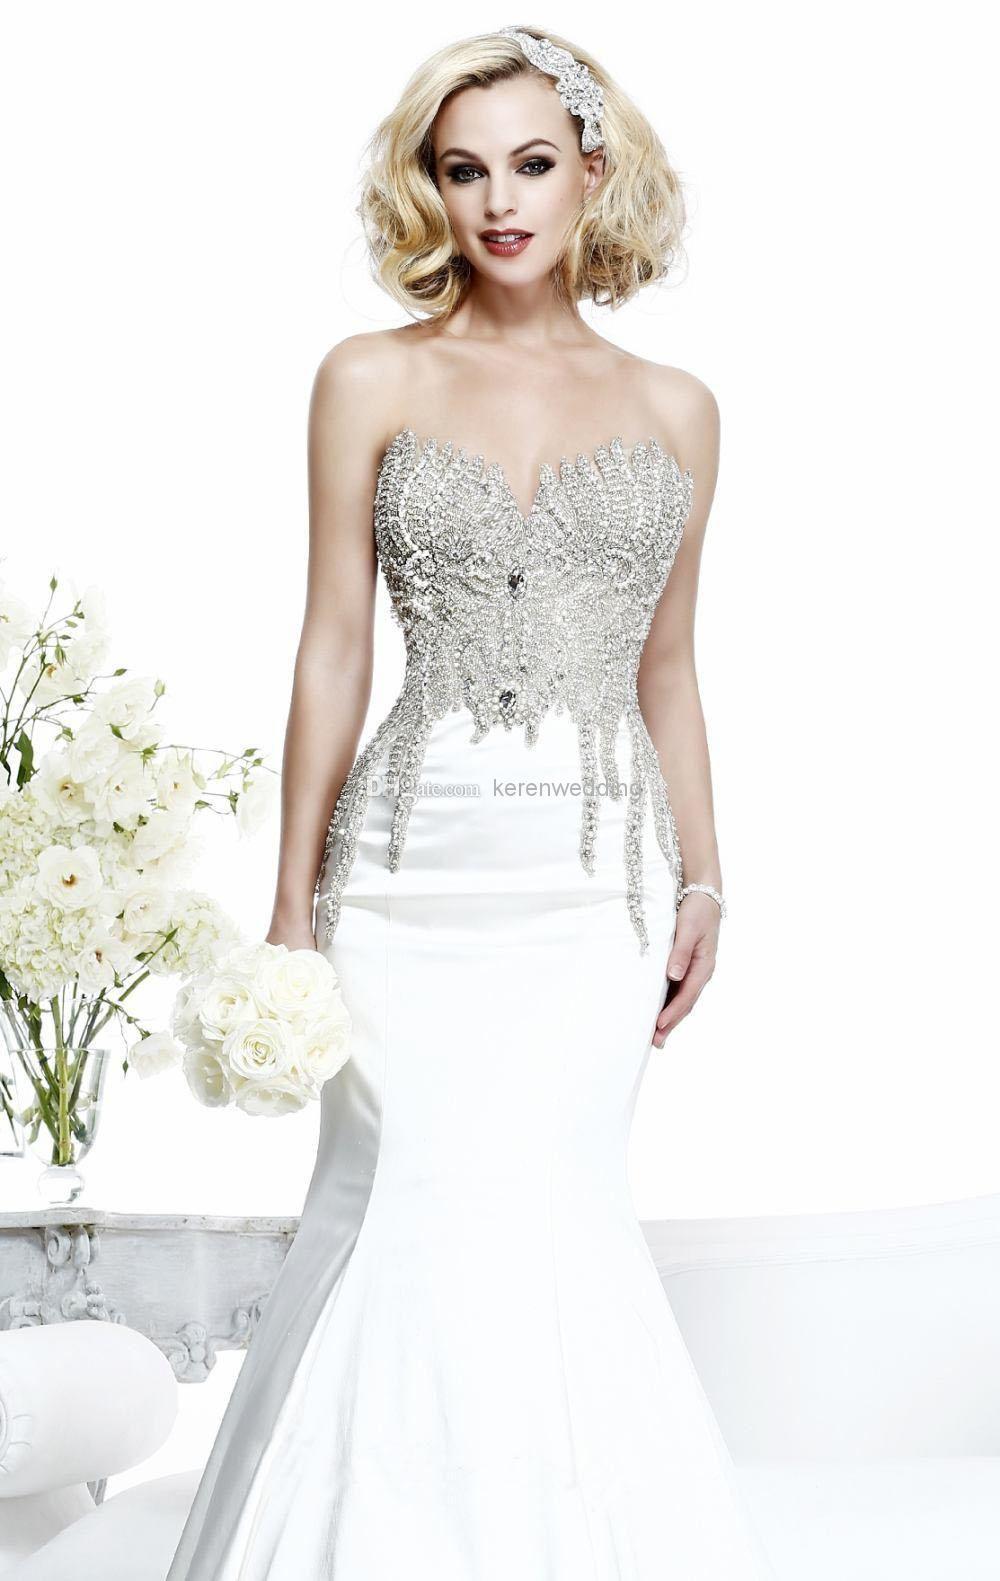 Holen Sie sich die Inspiration in Brautkleider für die Hochzeit Die ...